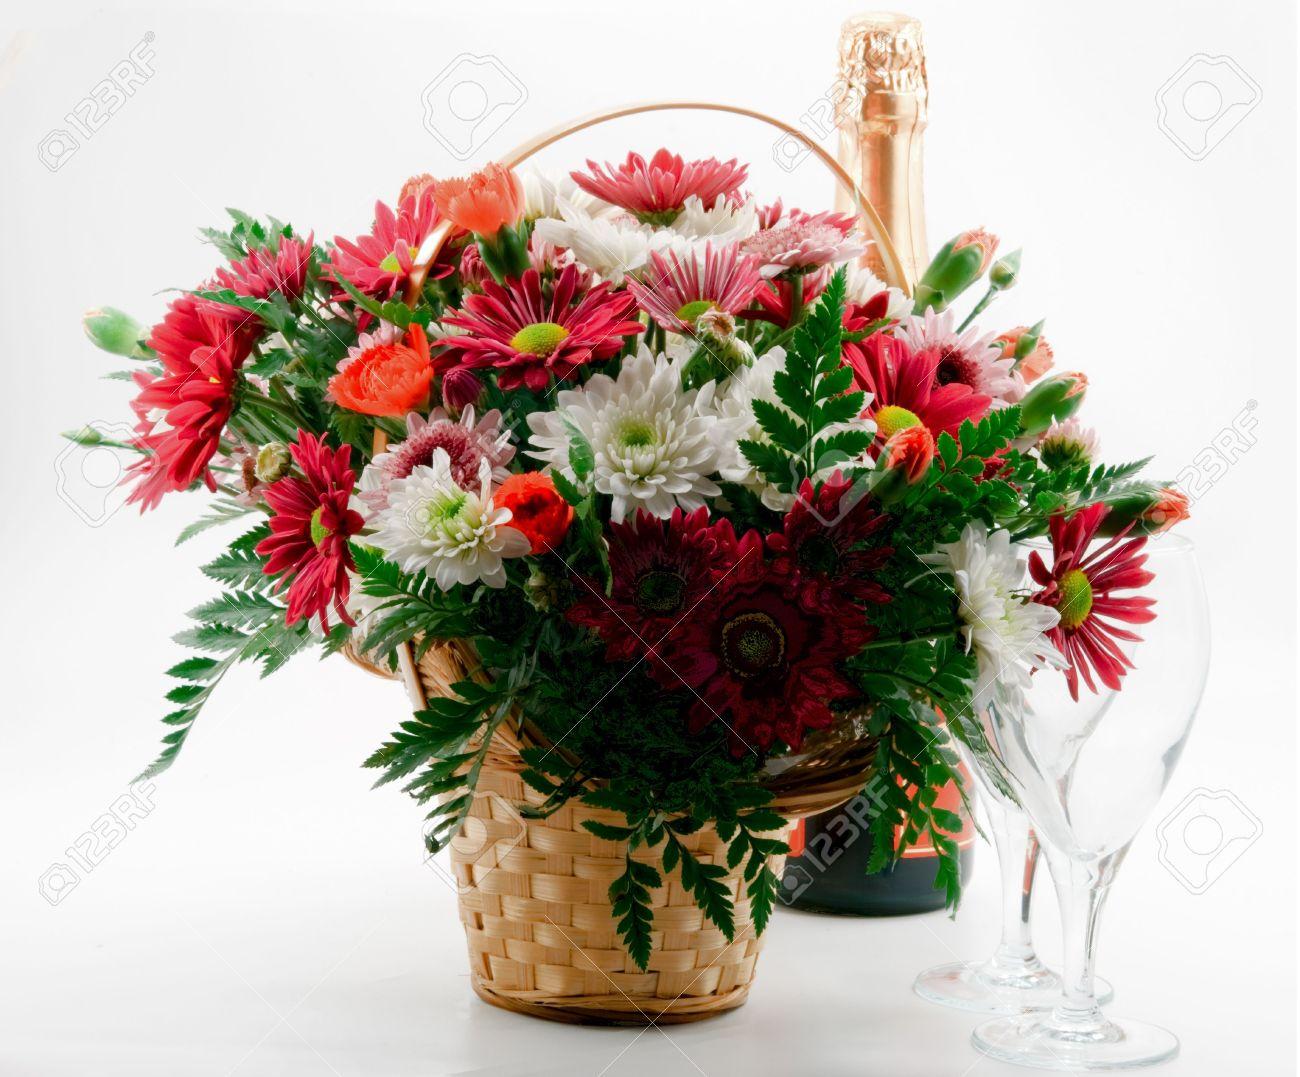 un cadeau, un bouquet de fleurs dans le panier une bouteille de